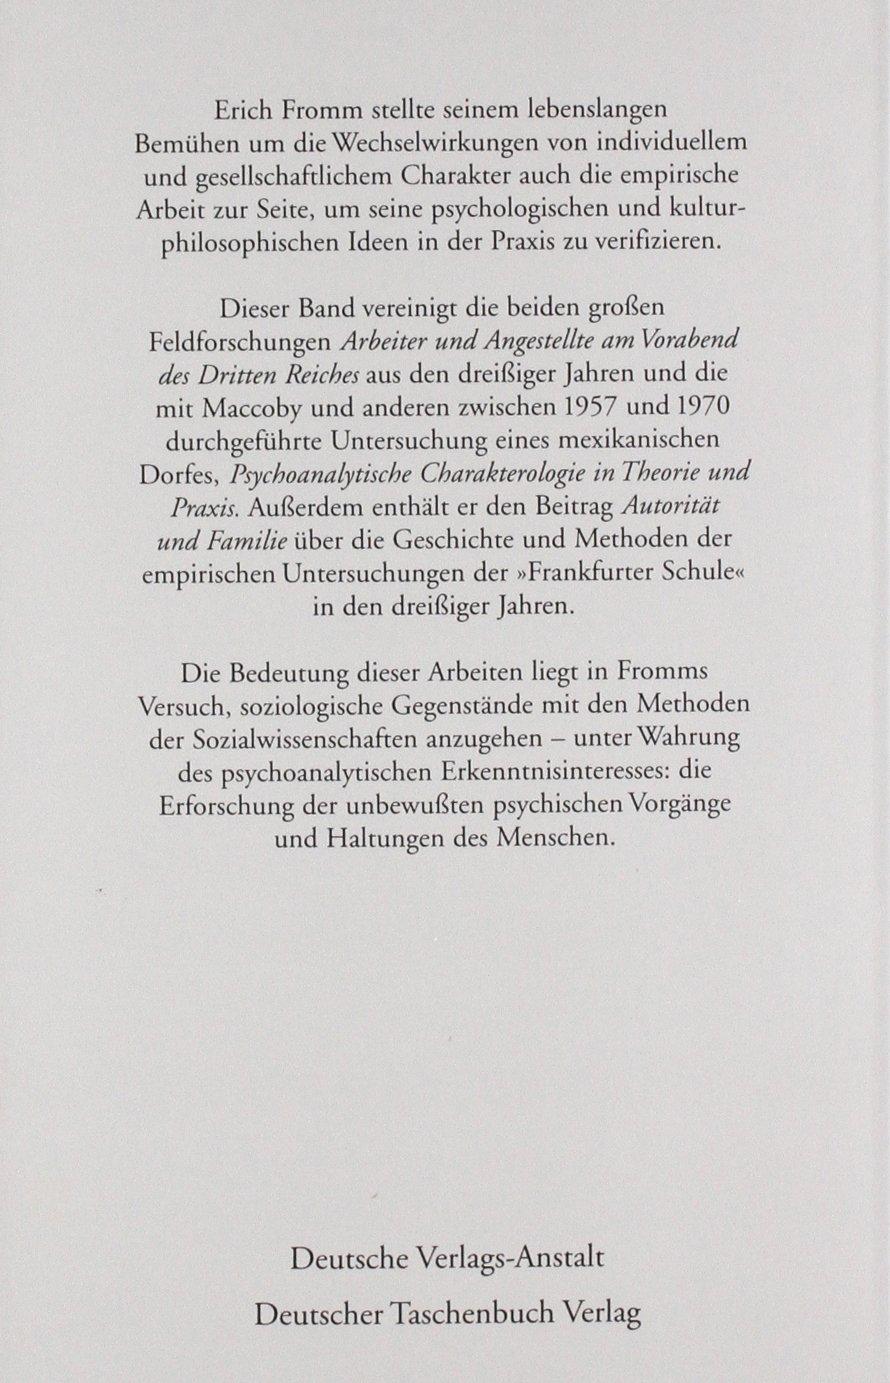 Gesamtausgabe in zwölf Bänden: Amazon.de: Rainer Funk, Erich Fromm ...